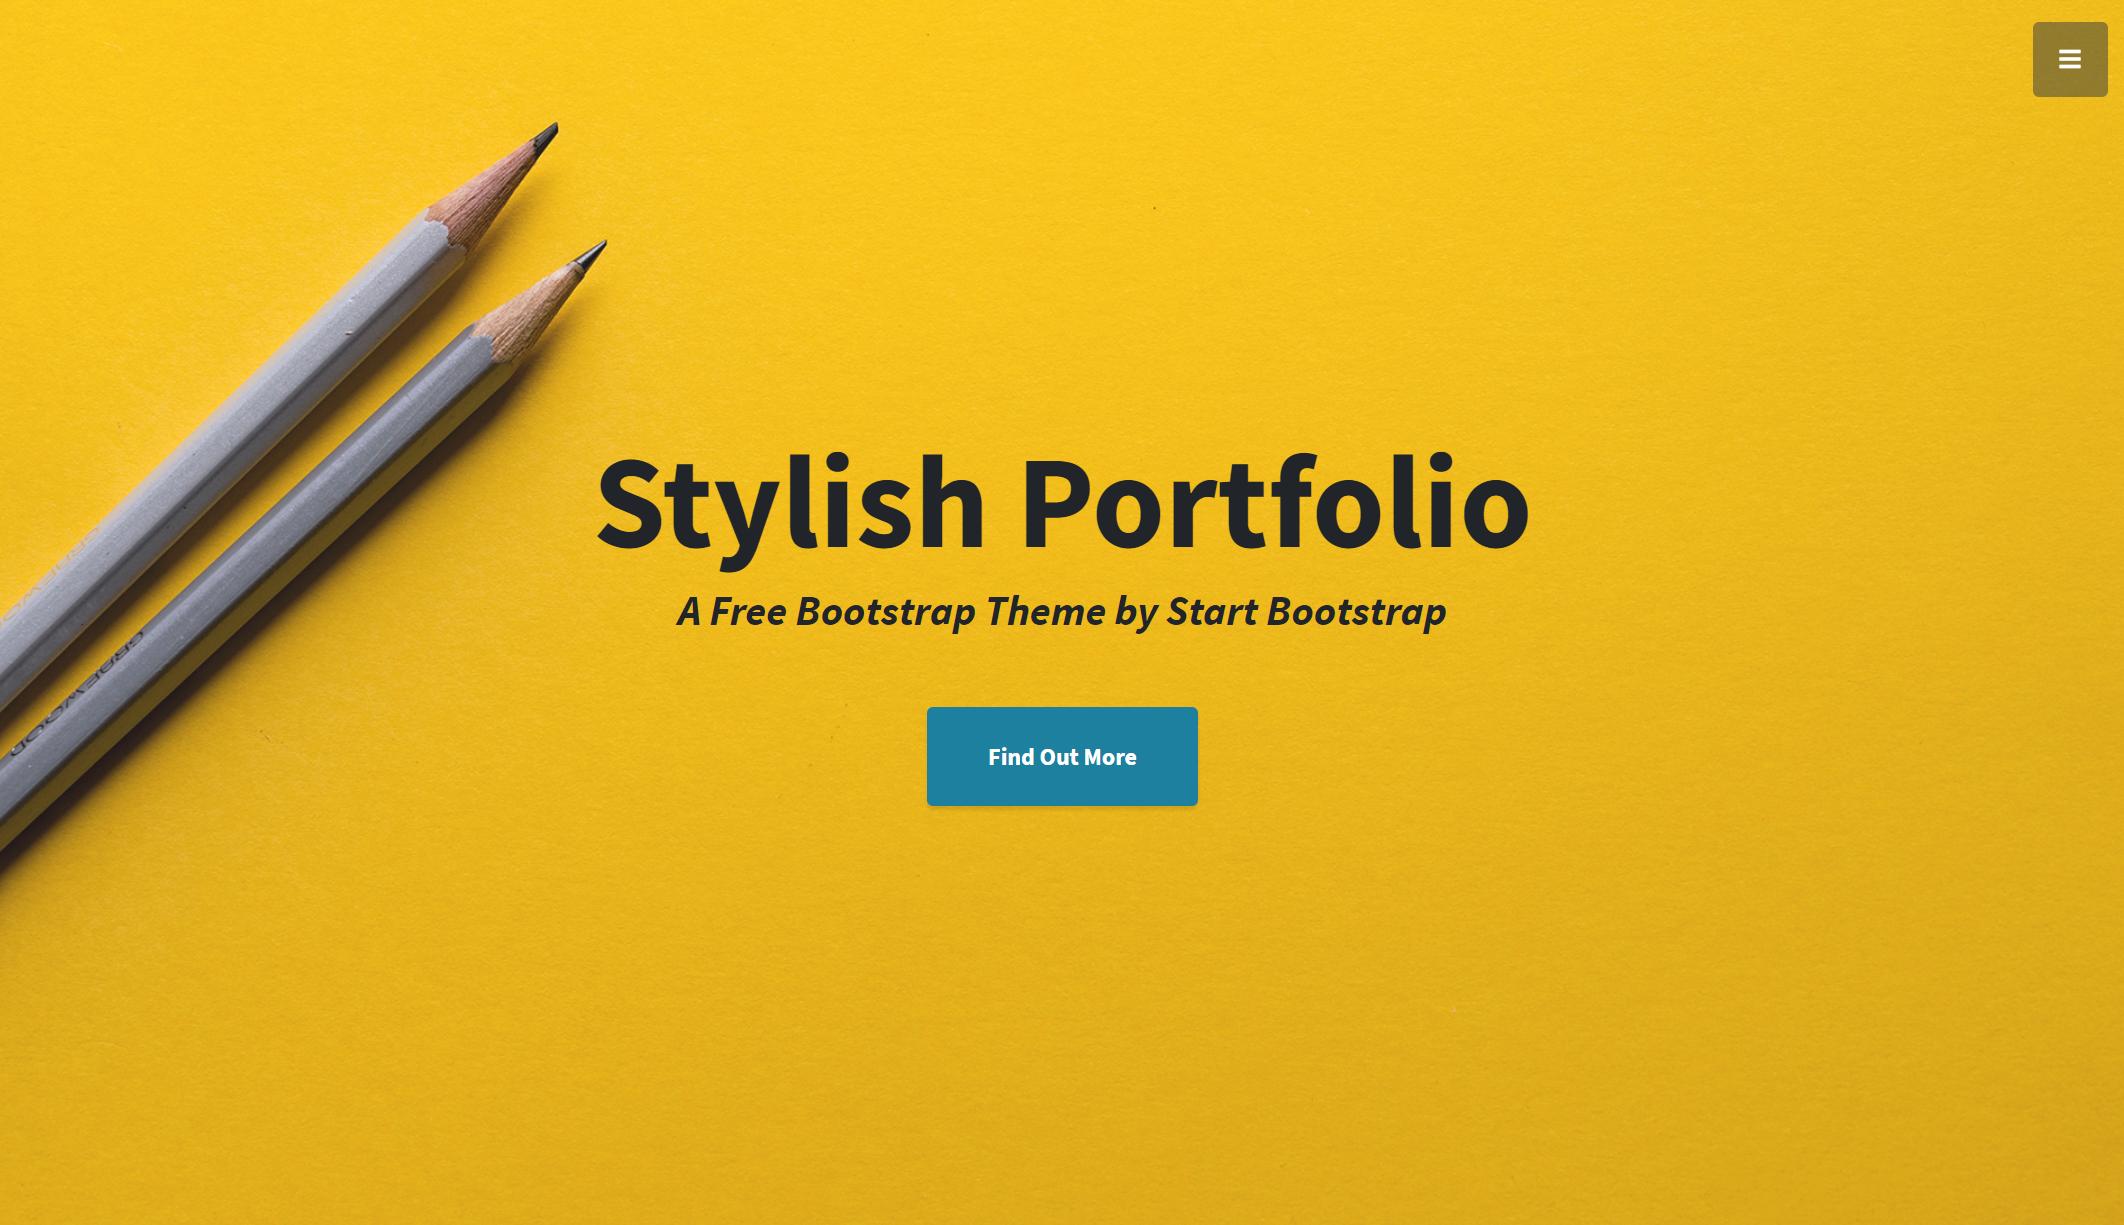 StylishPortfolio - A Stylish One Page Bootstrap Template